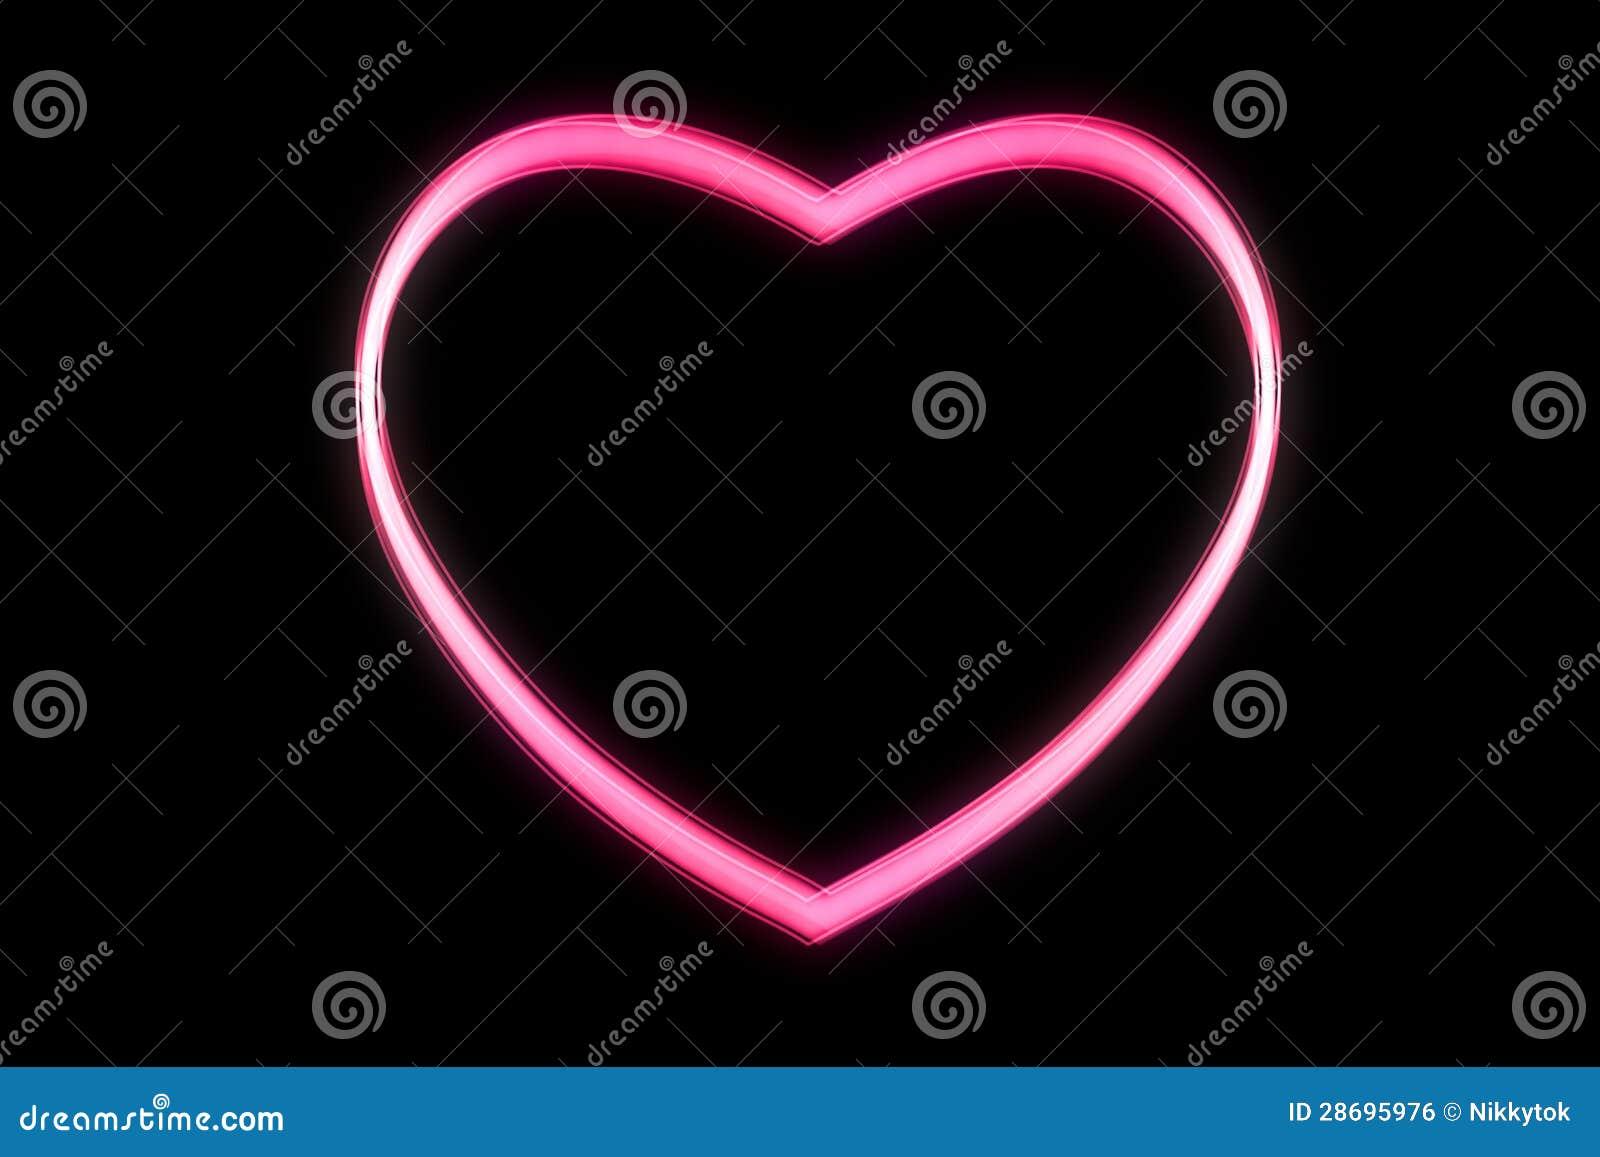 Movimiento Ligero Del Corazón Stock De Ilustración Ilustración De